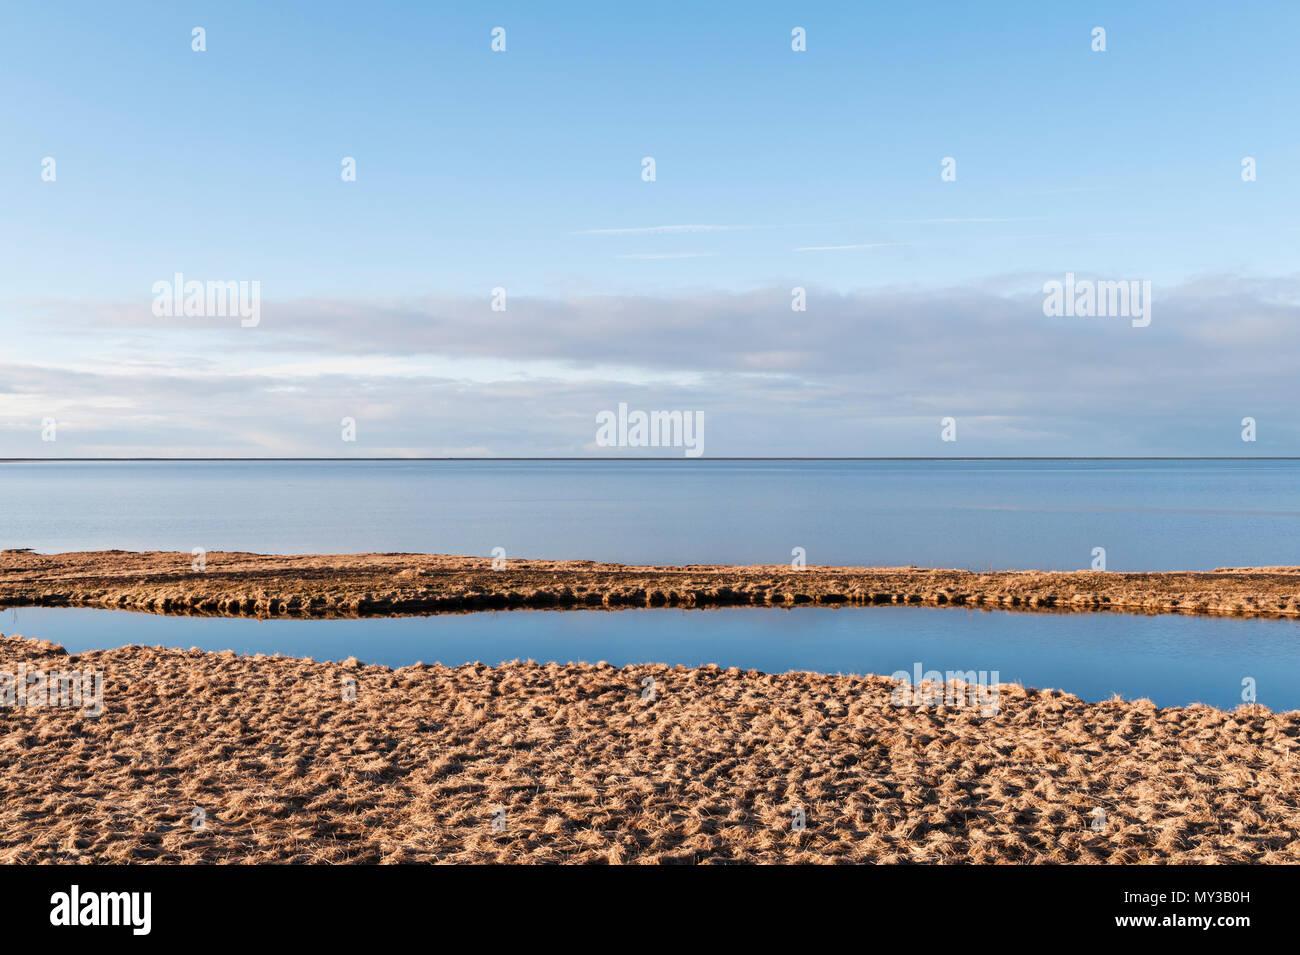 Le sud de l'Islande. Le paisible lagon des marées d'Holtsós, juste au sud de l'Eyjafjallajökull, vu tôt le matin à partir de la Rocade Photo Stock